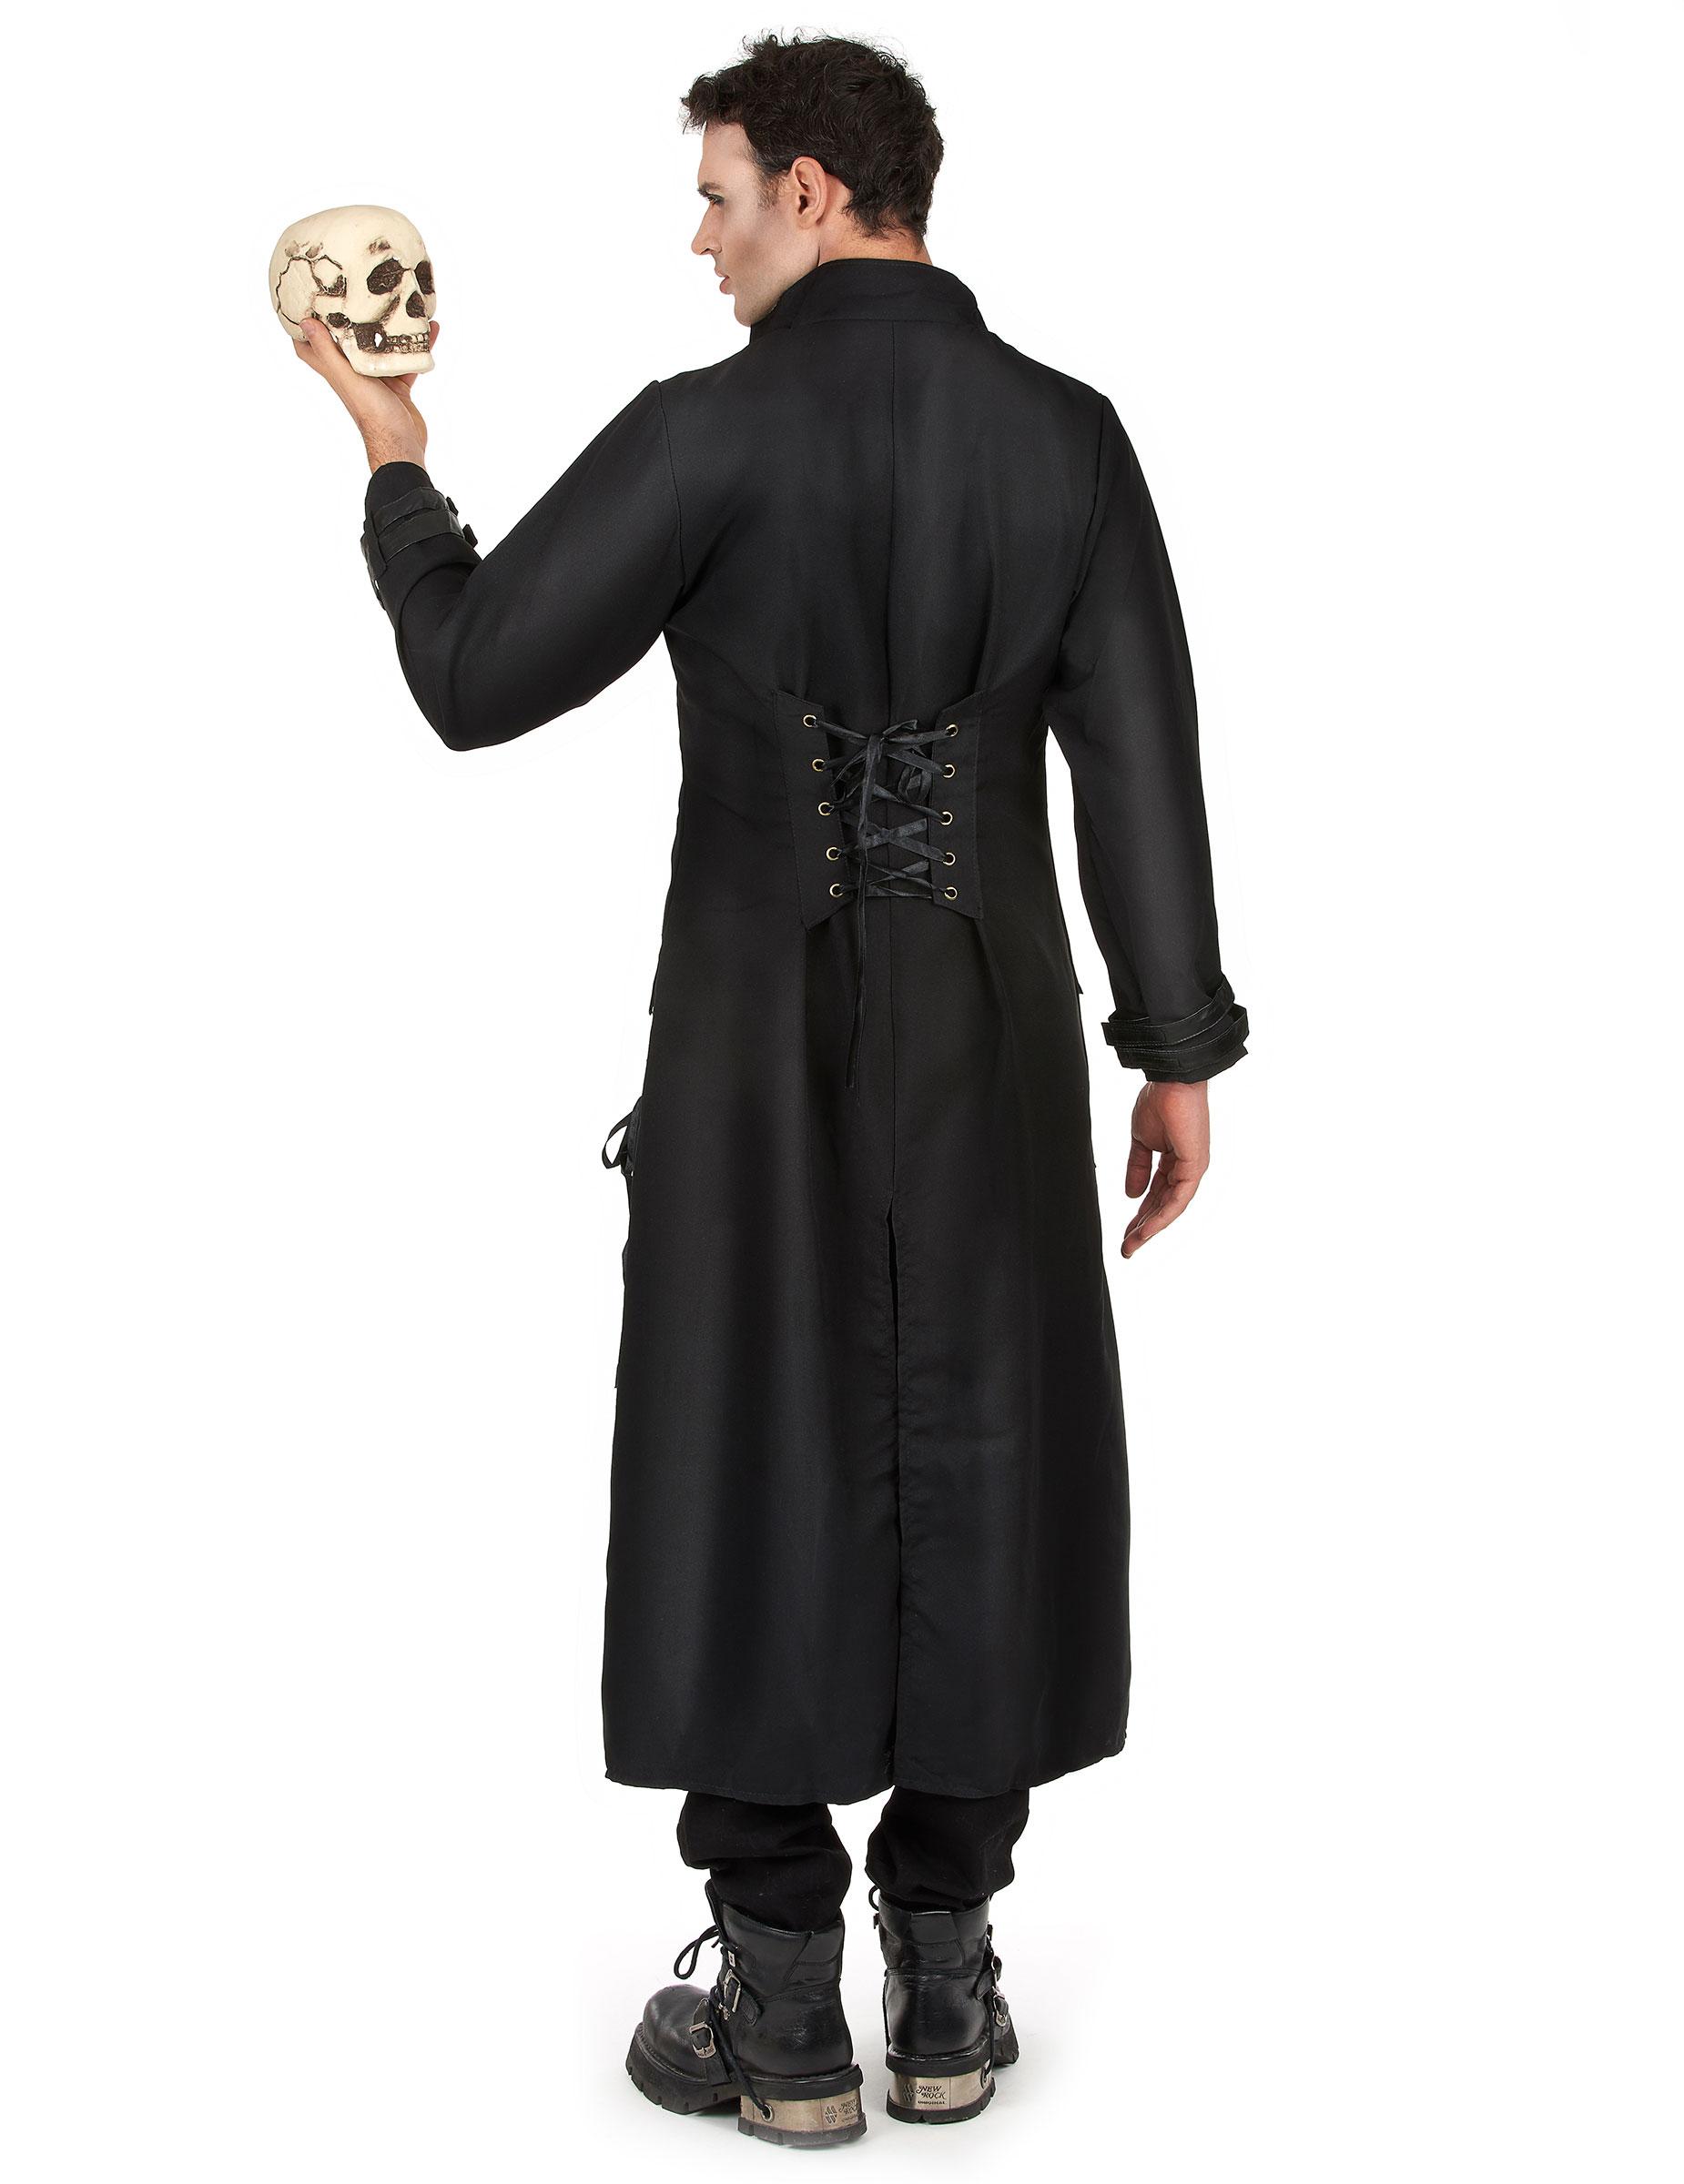 Estremamente Come Vestirsi Ad Halloween Uomo RJ62 » Regardsdefemmes EH81